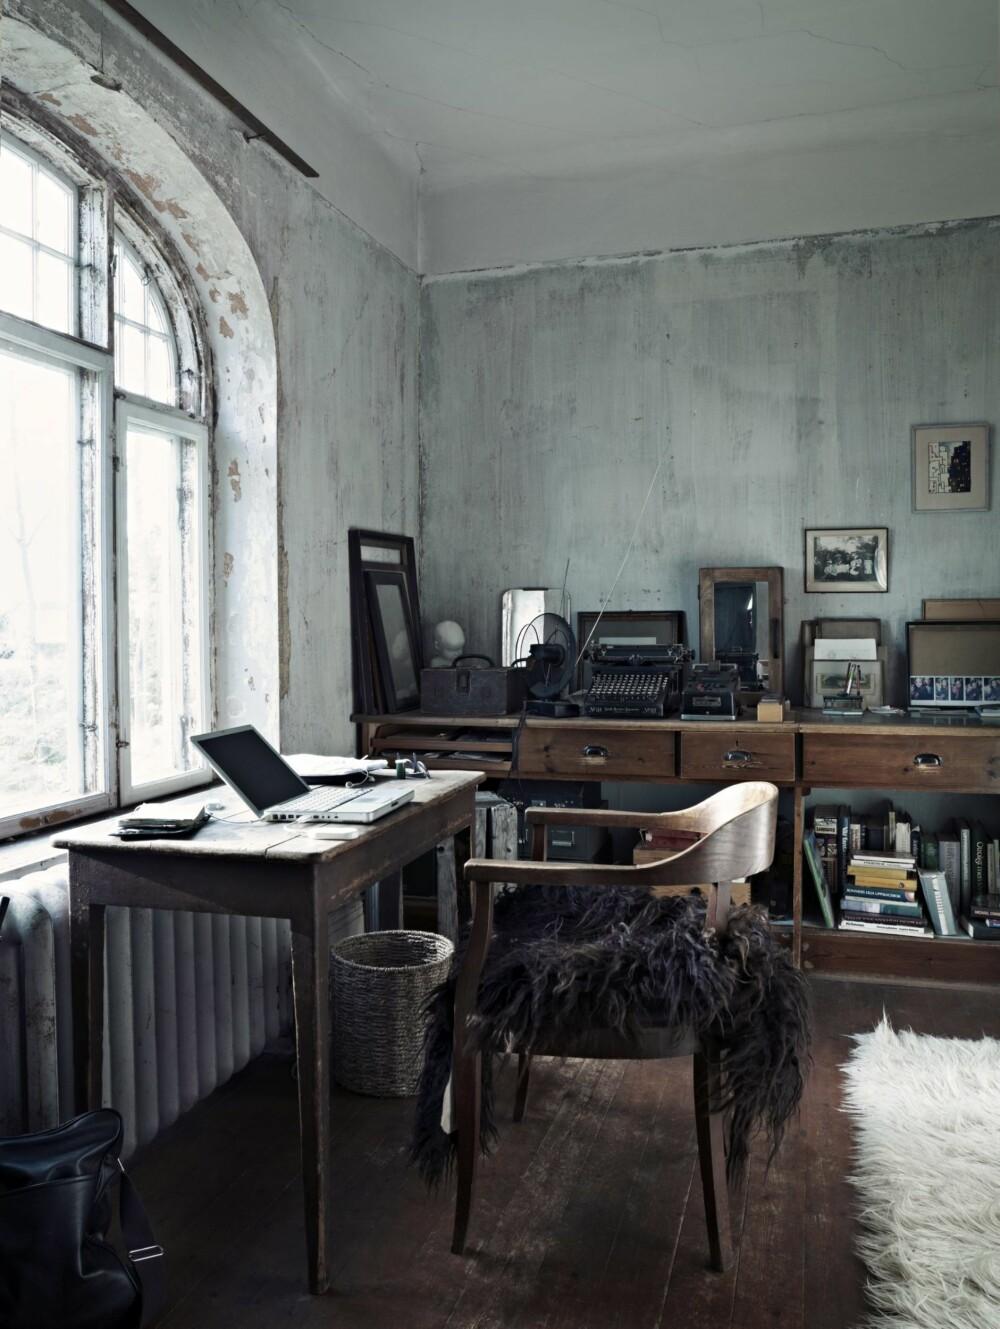 ARBEIDSRO: I kontoret kan Christina sitte og jobbe i lyset fra det store vinduet. Dette rommet er også fylt med bruktskatter som hun har samlet.